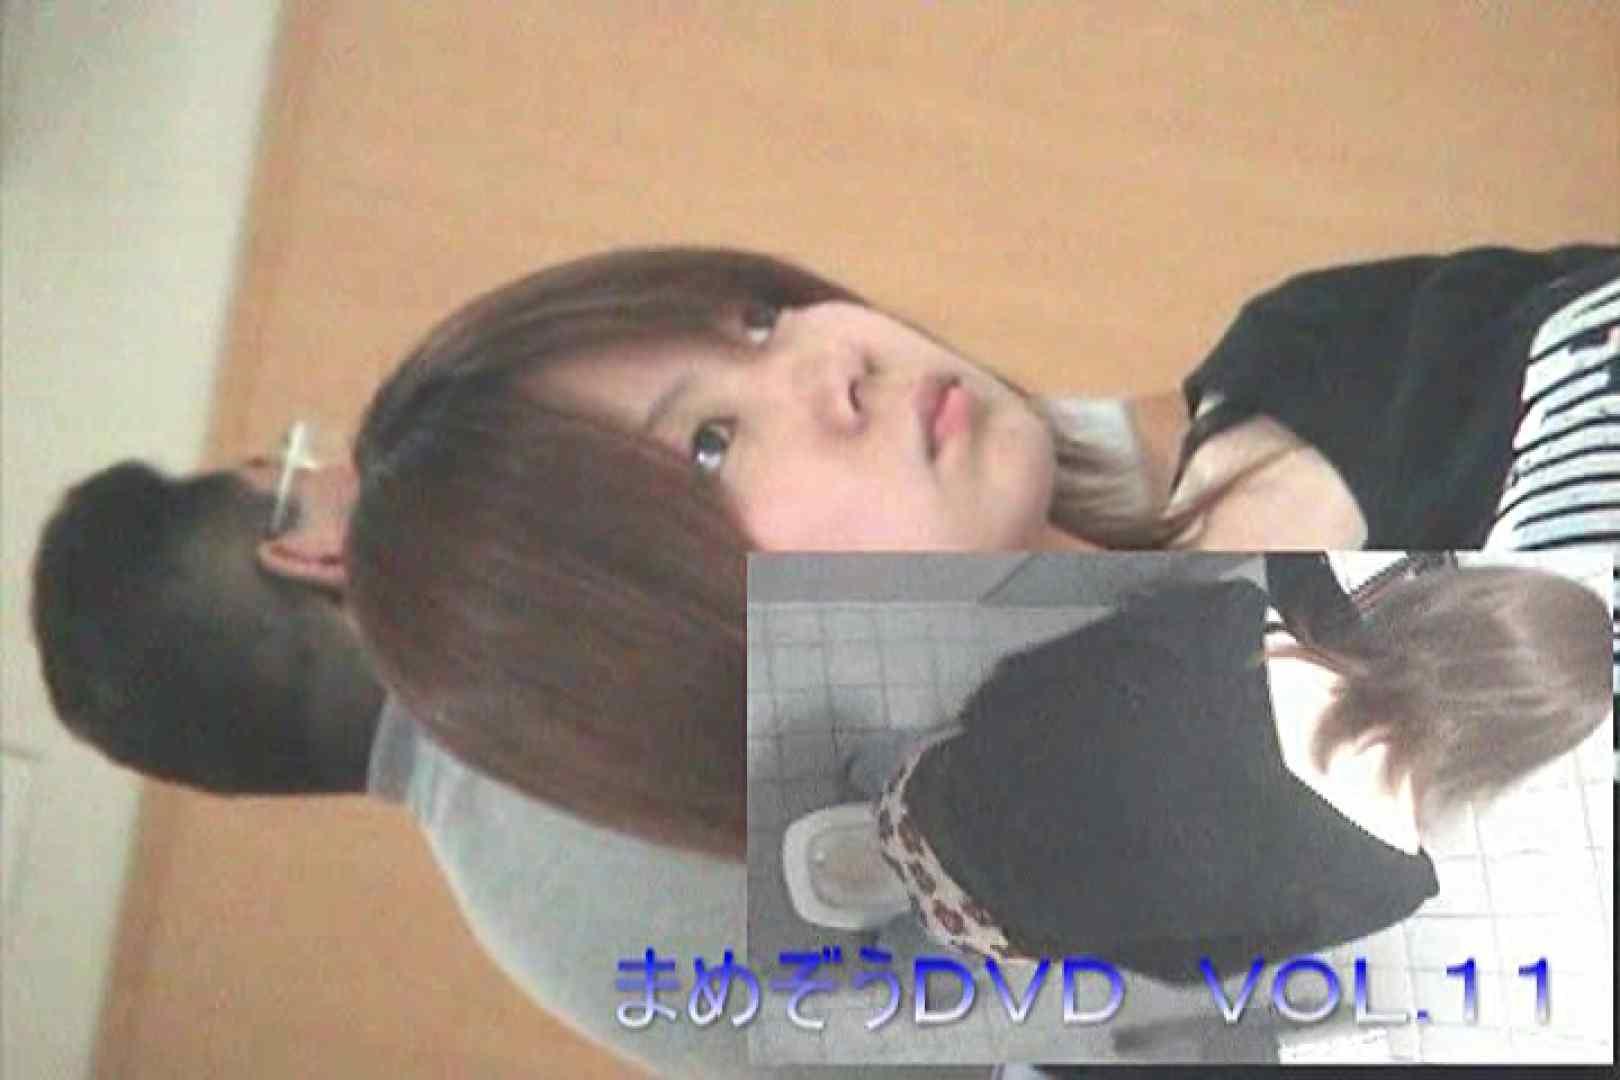 まめぞうDVD完全版VOL.11 ギャル  57pic 29